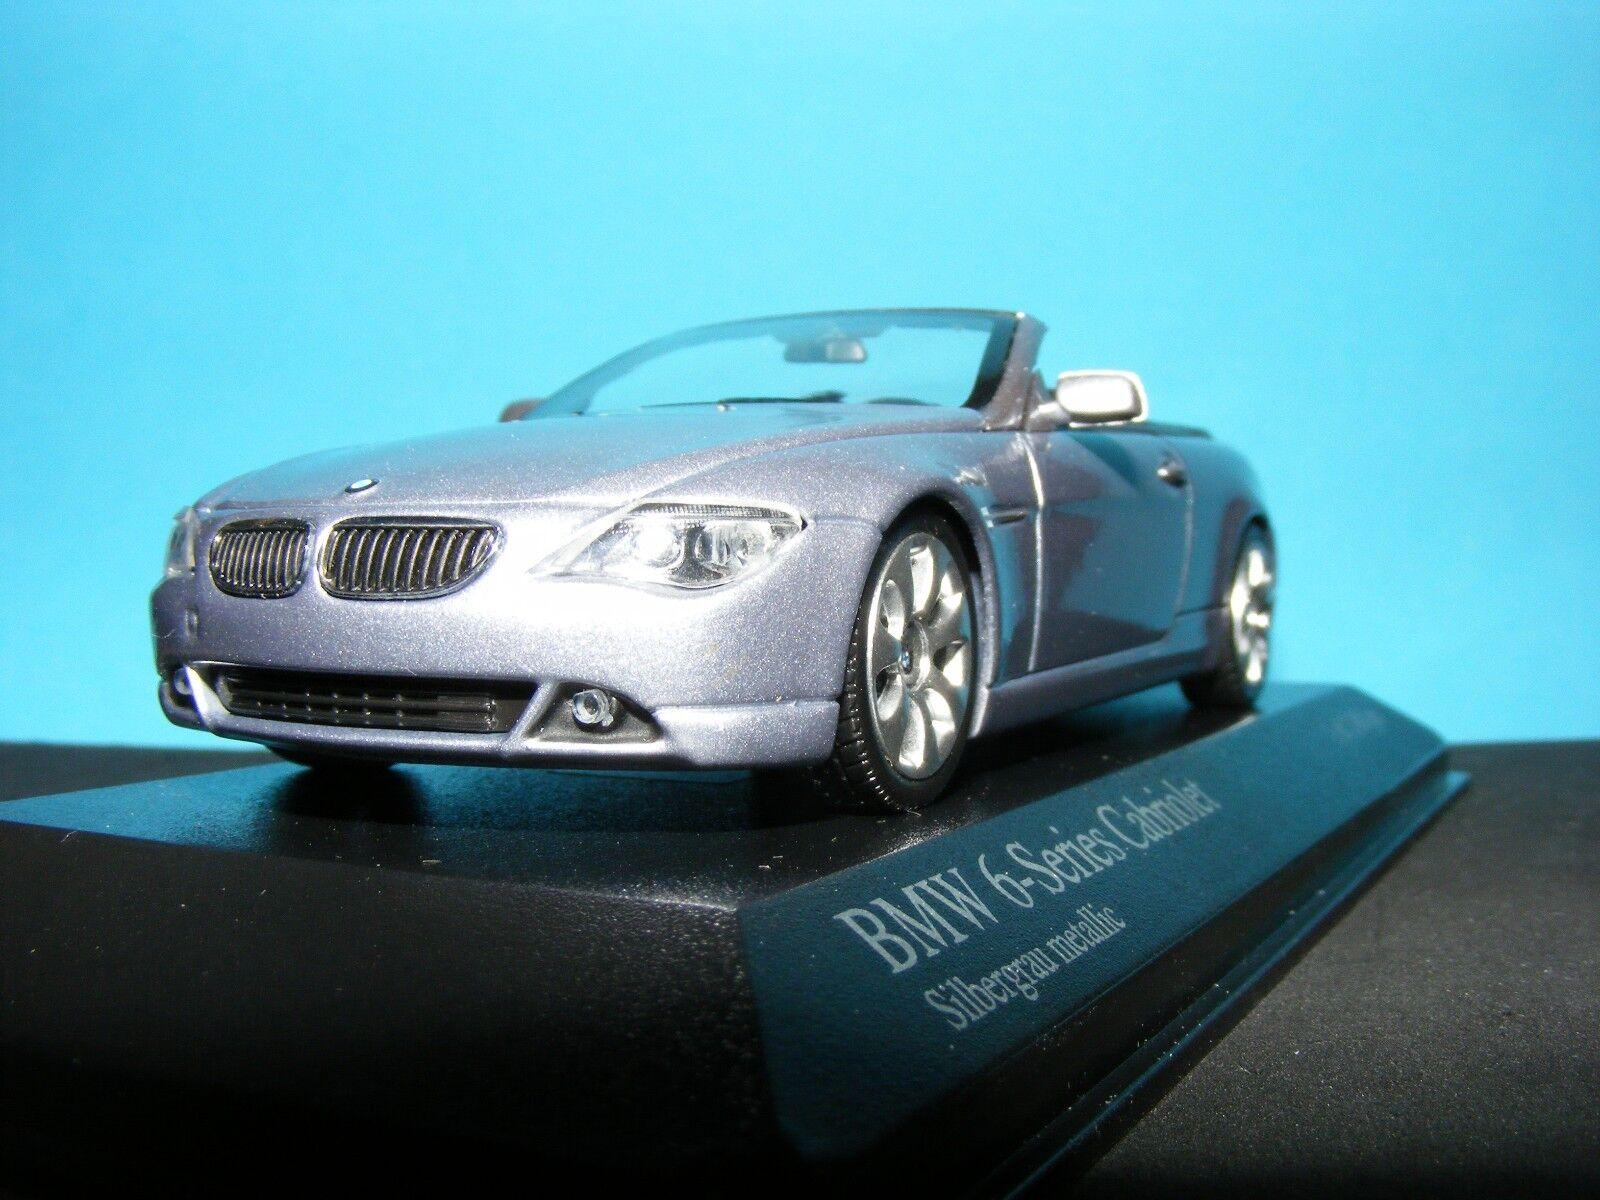 venta con descuento BMW serie 6 Cabrio En Plata 1 de 1008 1008 1008 piezas de un Minichamp Nuevo I 1 43RD.  ¡No dudes! ¡Compra ahora!